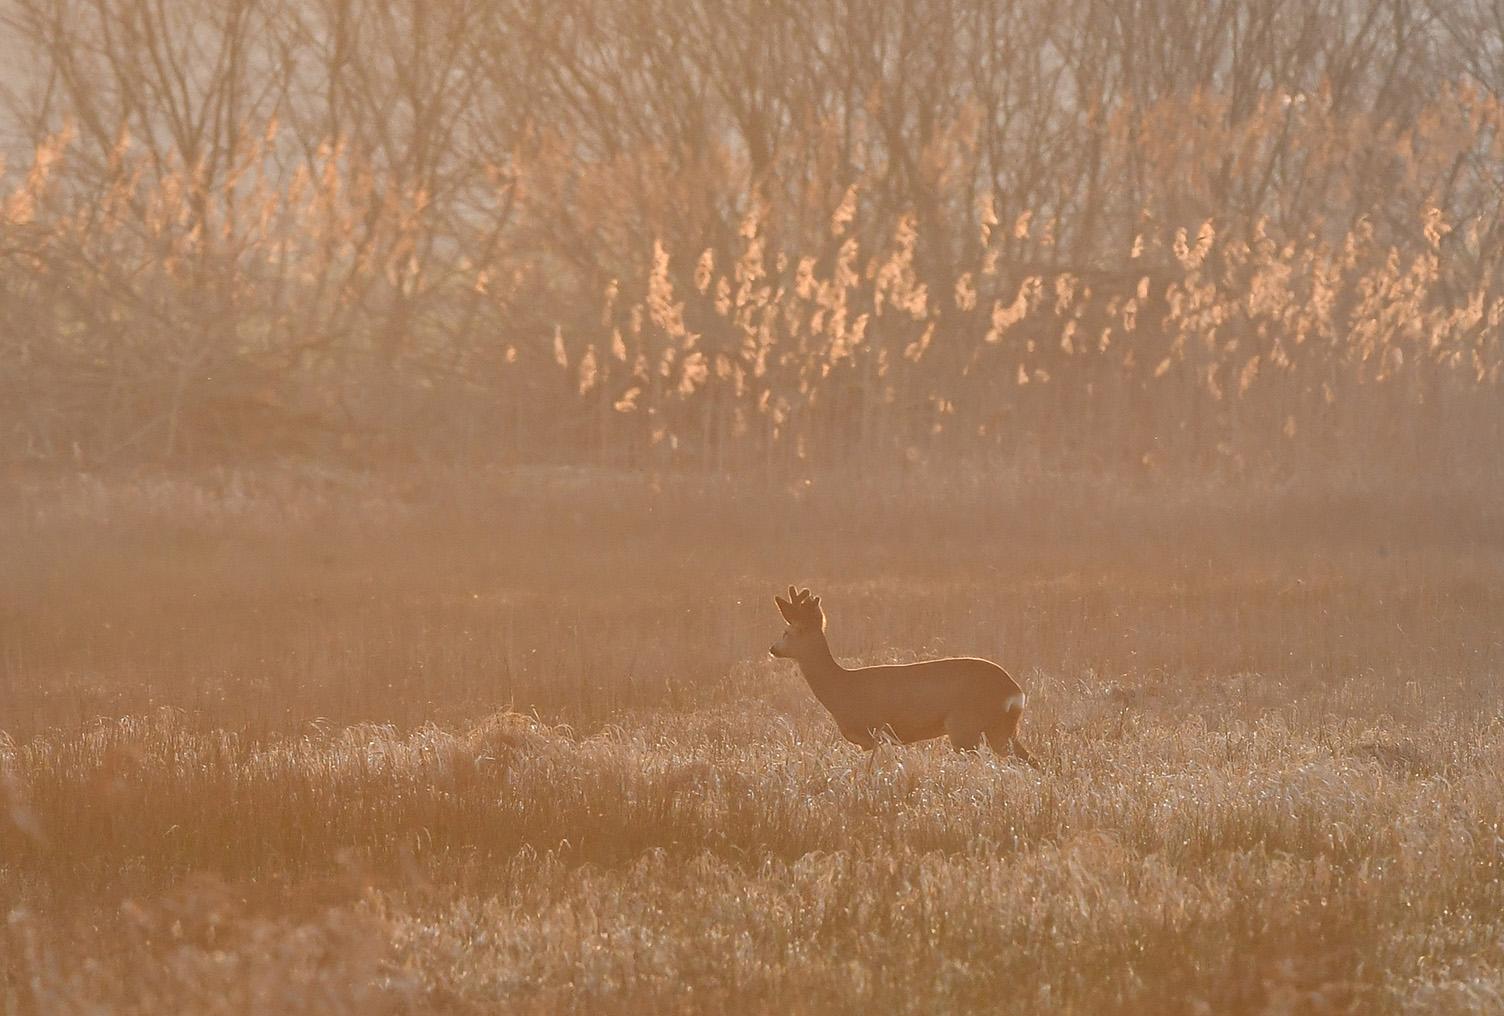 Een reebok is op weg naar het bosje achter de rietpluimen - Foto: ©Louis Fraanje